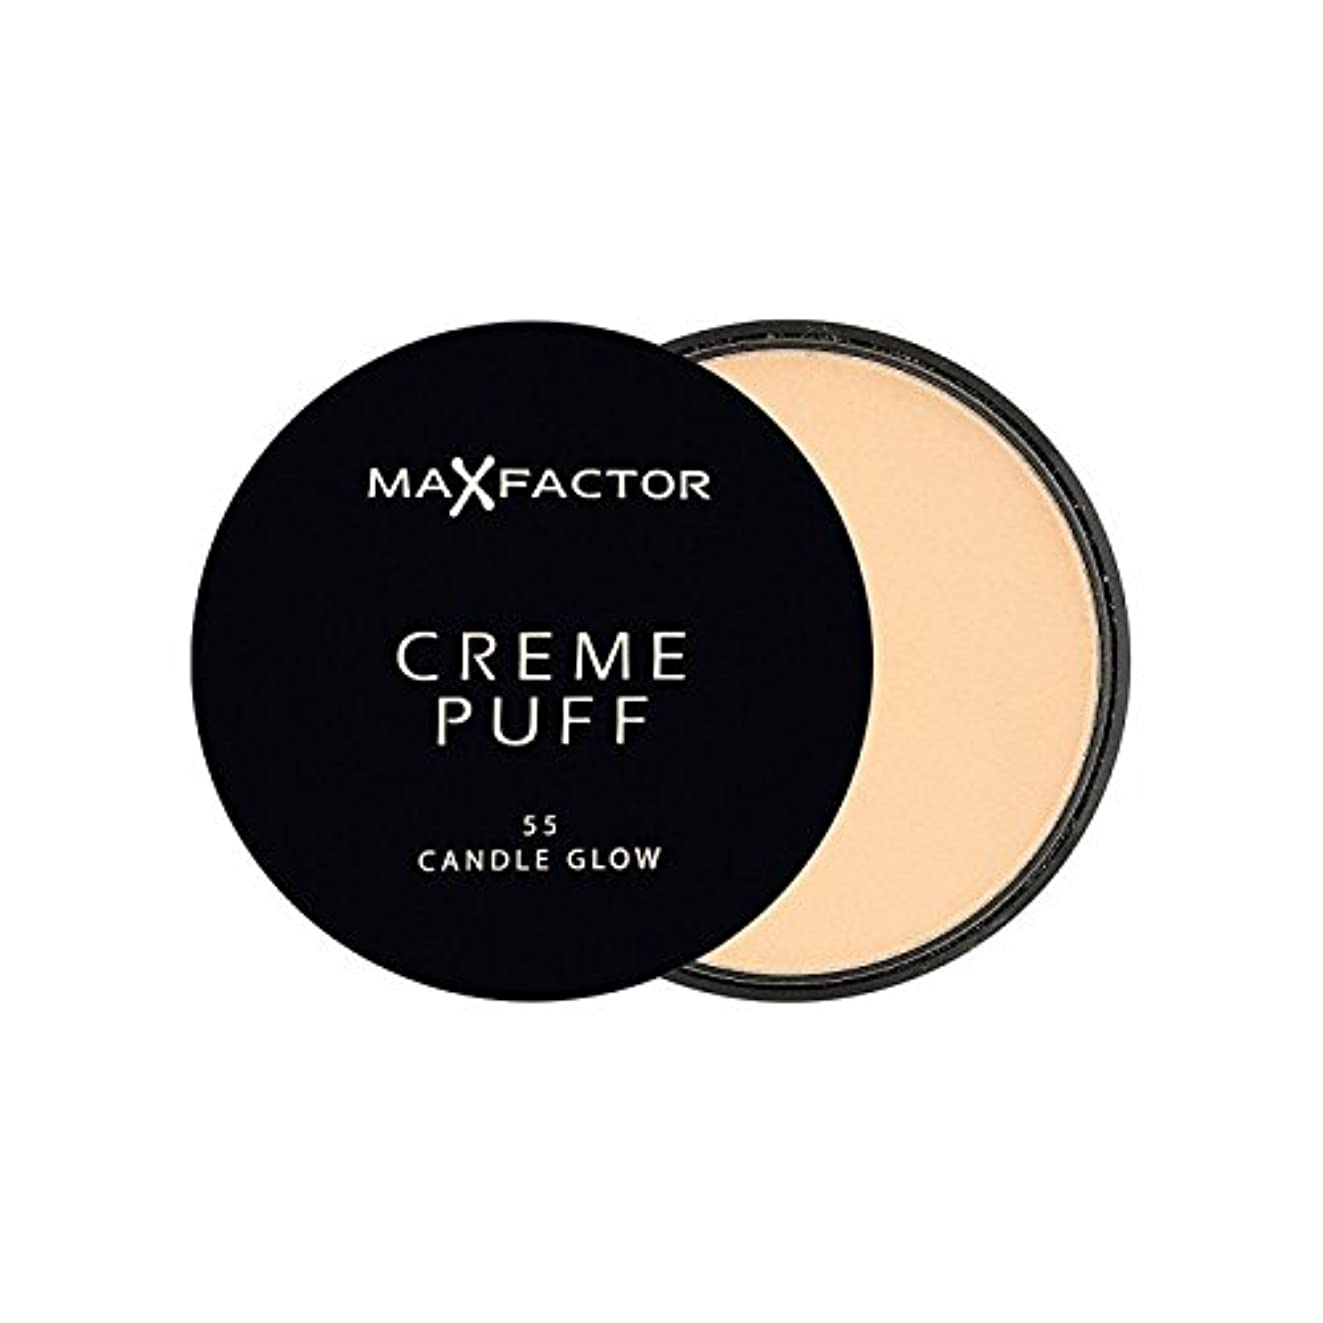 作曲家薬言語Max Factor Creme Puff Powder Compact Candle Glow 55 (Pack of 6) - マックスファクタークリームパフパウダーコンパクトろうそくは55グロー x6 [並行輸入品]